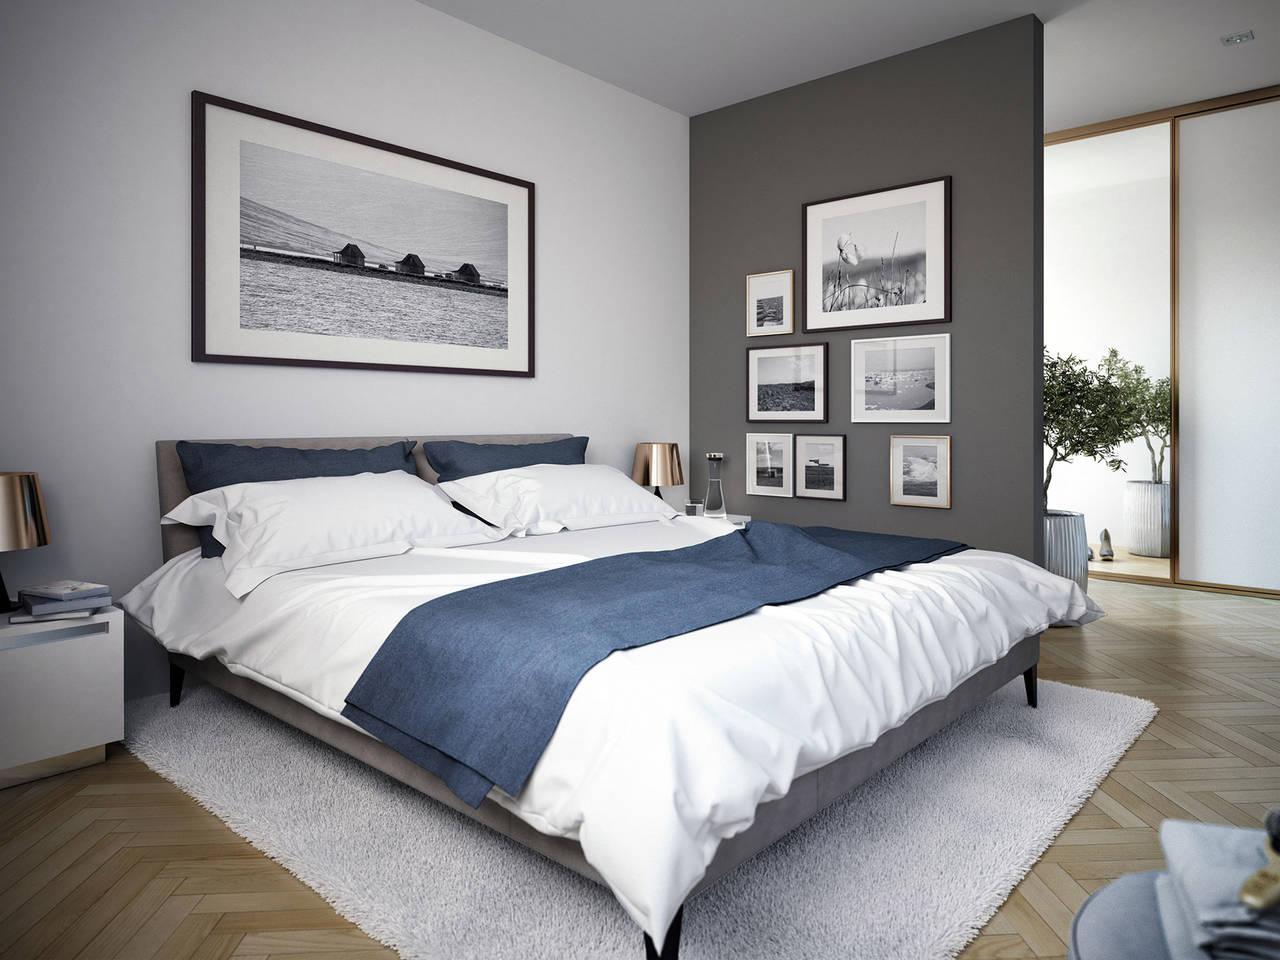 Haus SOLUTION 204 V8 Schlafzimmer von Living Haus